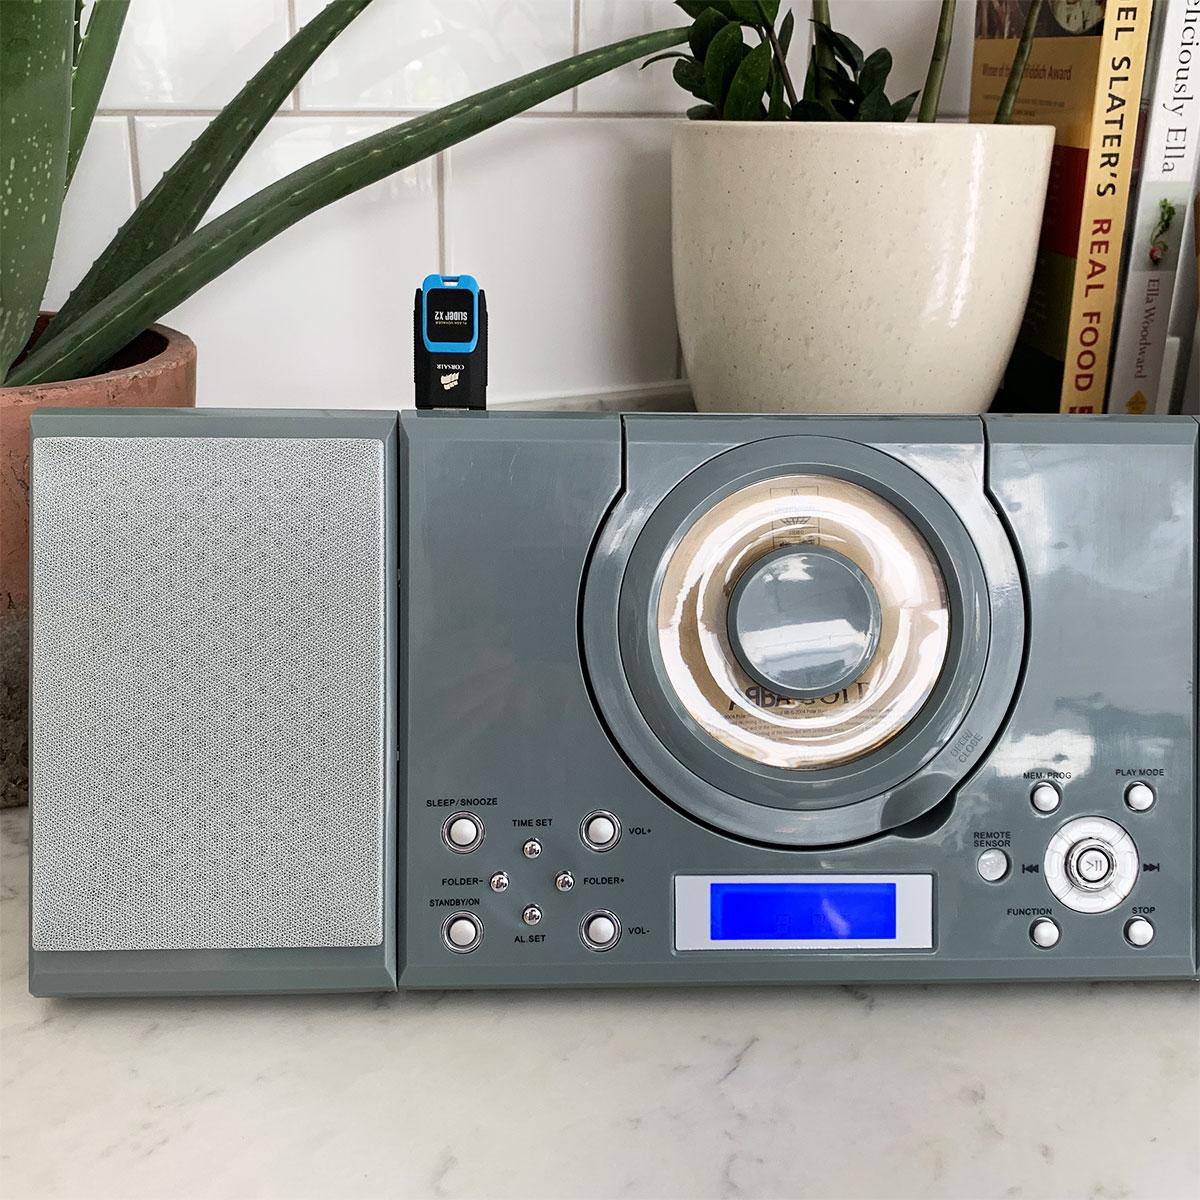 Grouptronics Gtmc 101 Cd Player Stereo Micro Hifi Usb